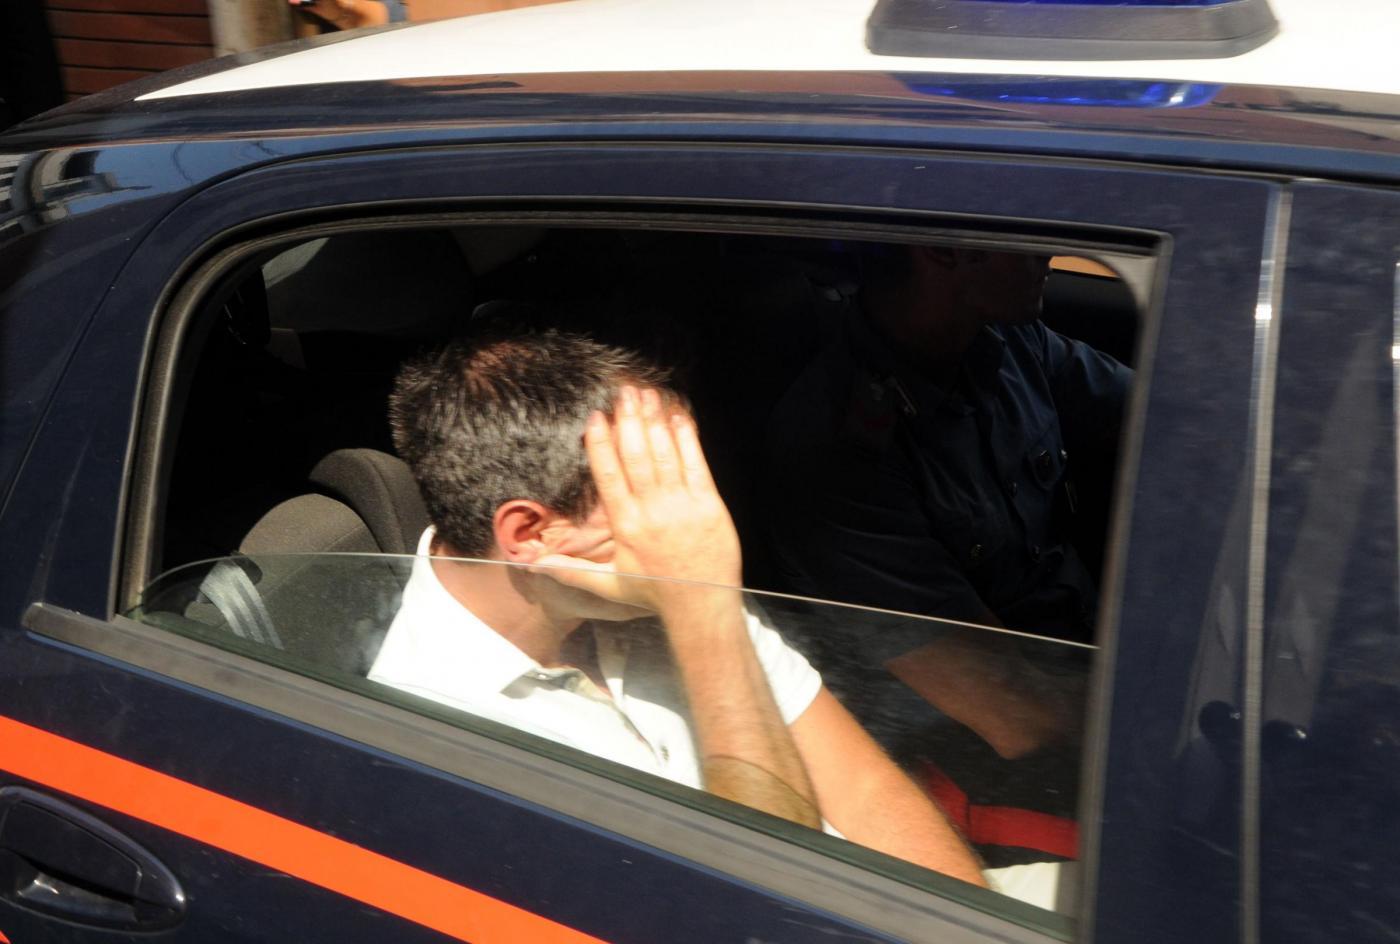 Bambino di 11 anni svela i segreti della 'ndrangheta a Reggio Calabria